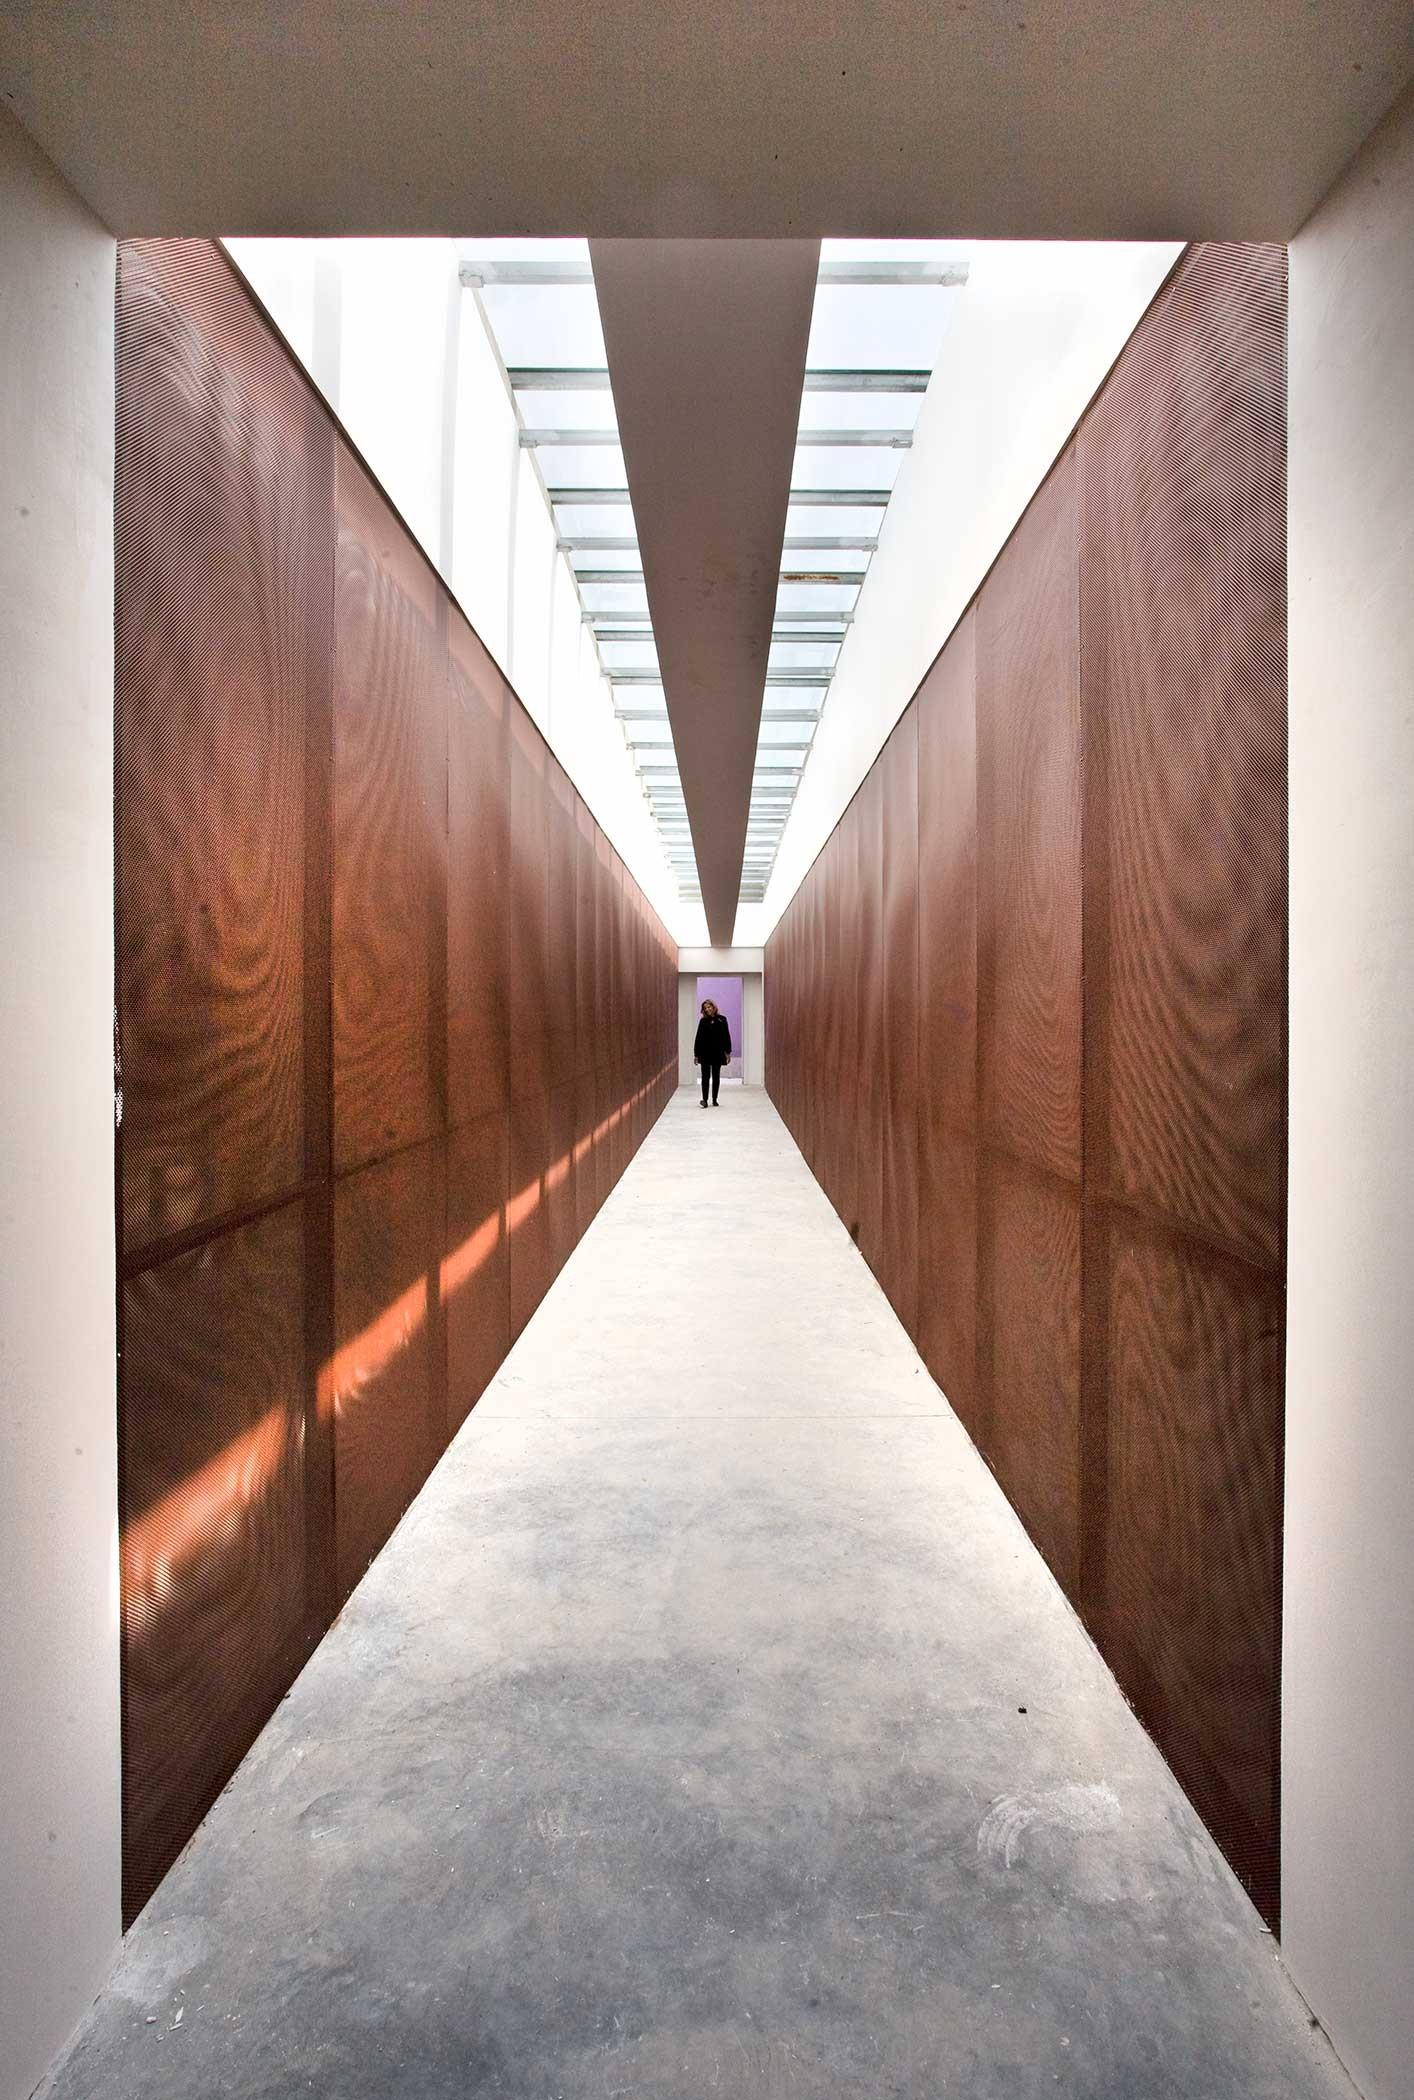 Arch. Emanuele Fidone - Centro Polivalente, Modica